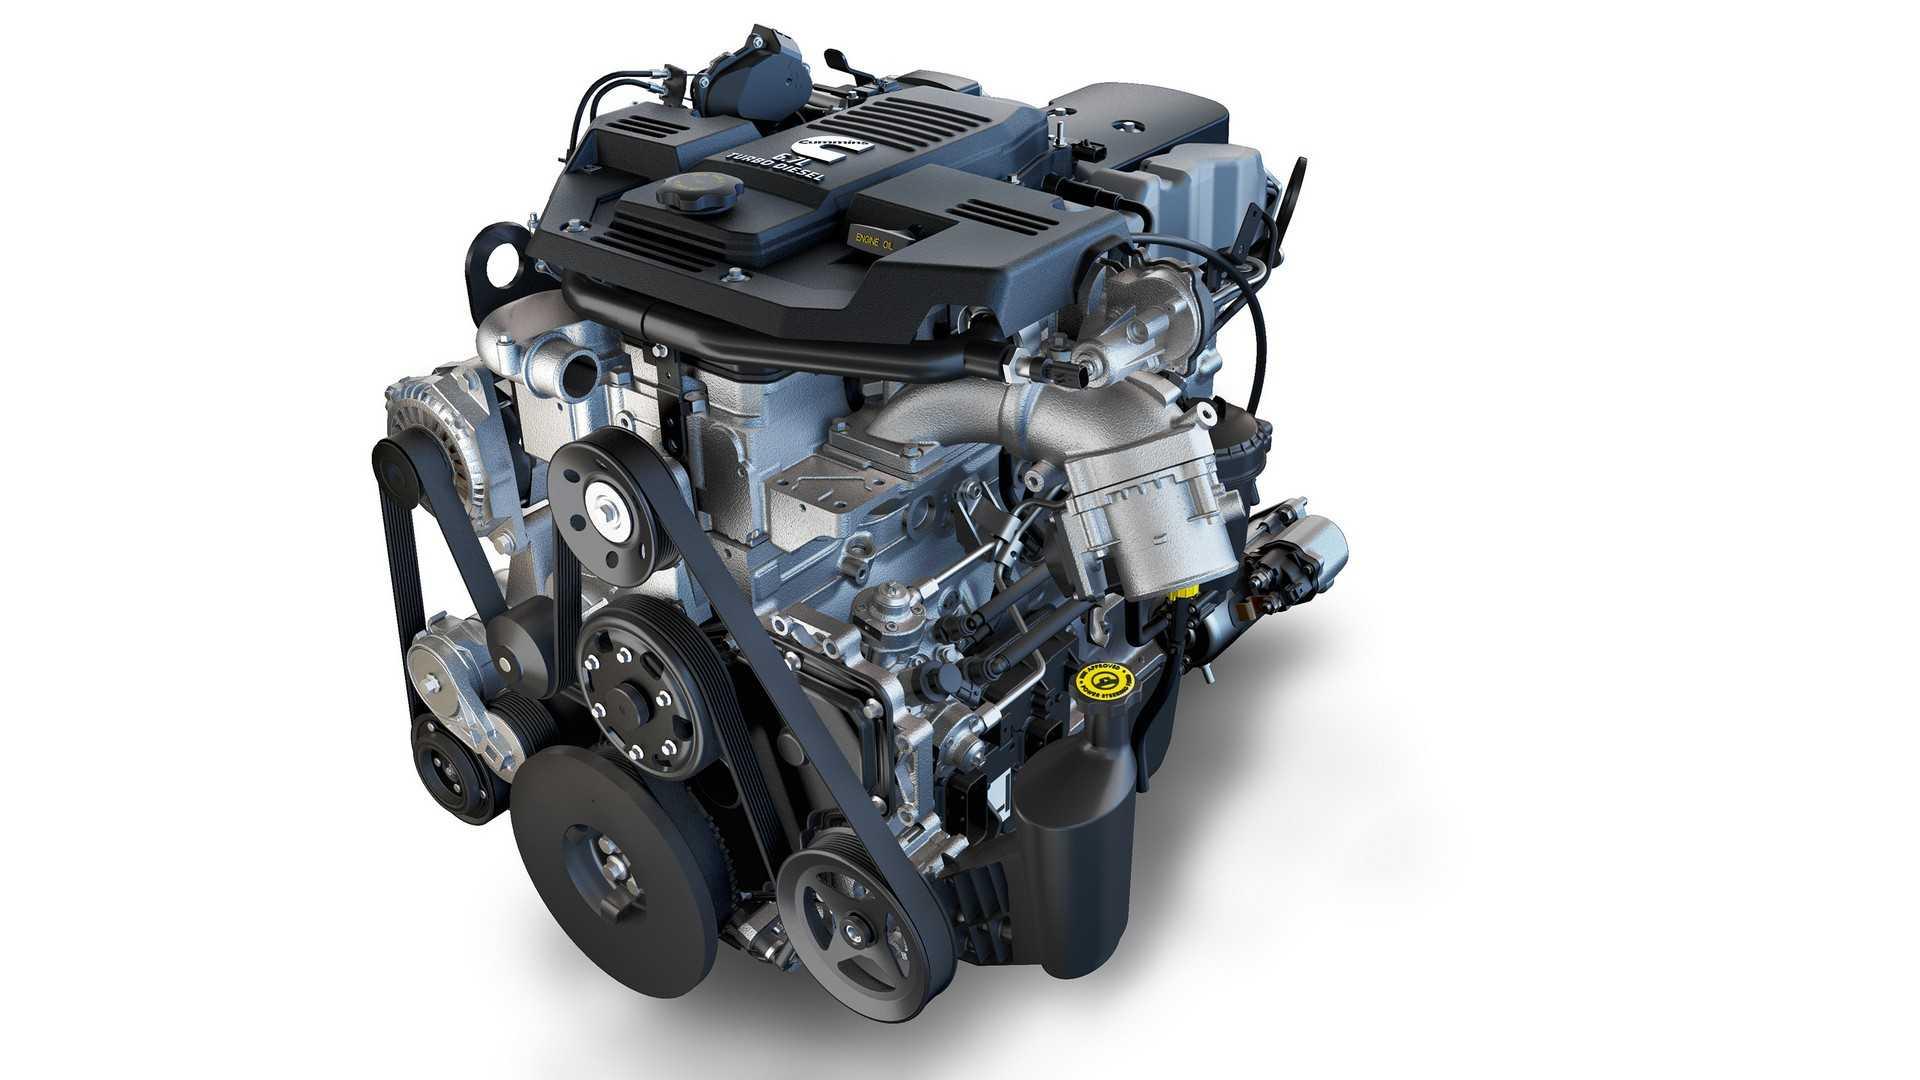 2019-ram-heavy-duty-powertrain-technologies (1)